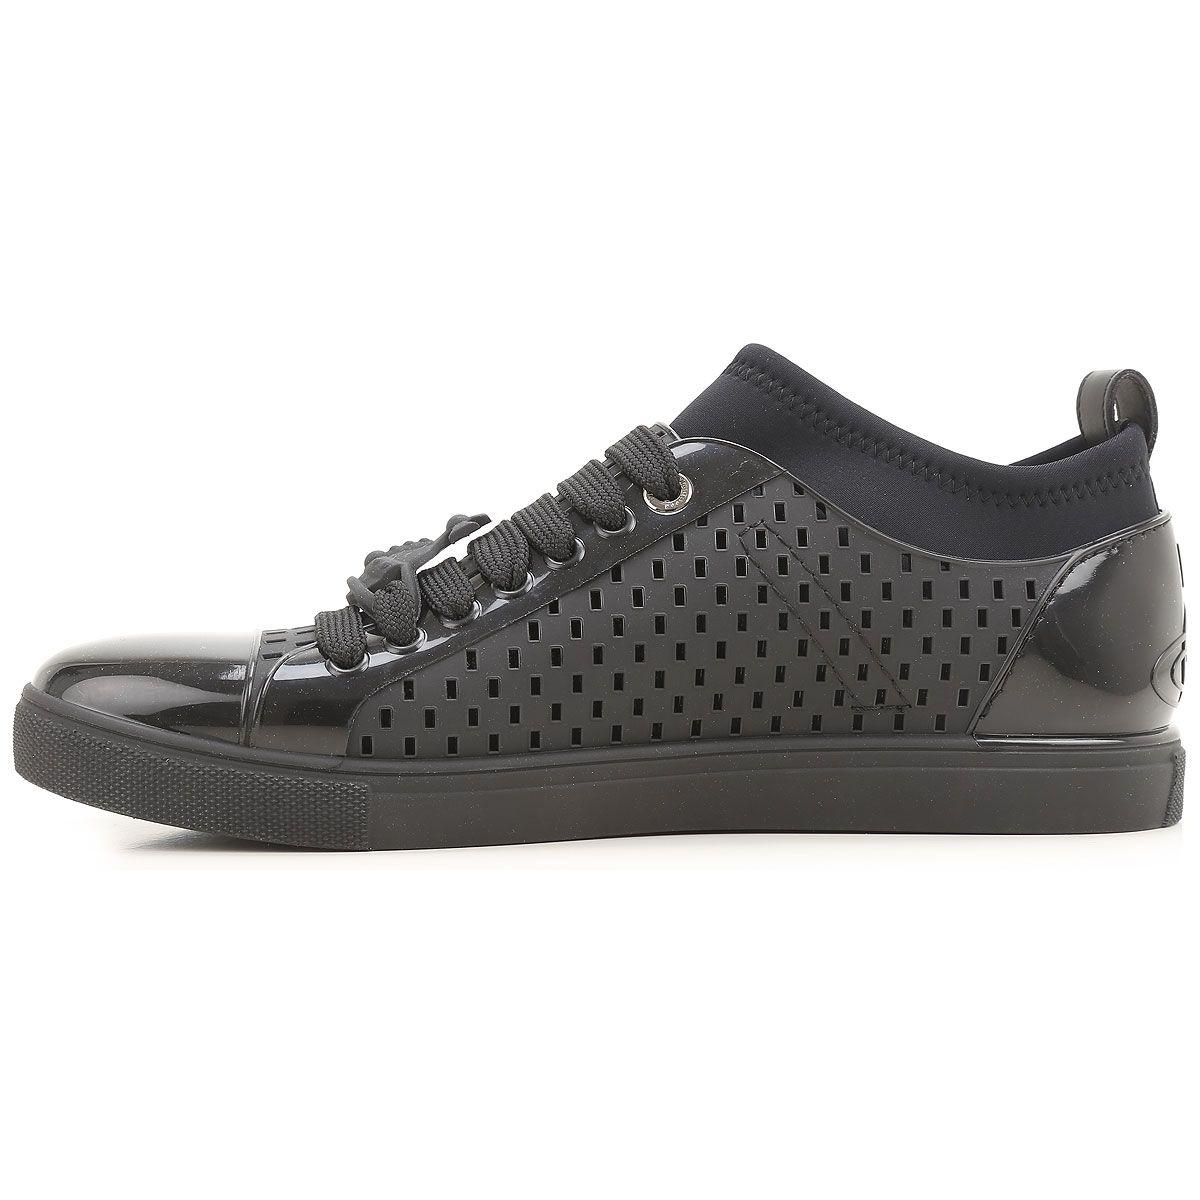 Chaussures - Haute-tops Et Baskets Vivienne Westwood u5Ay3C